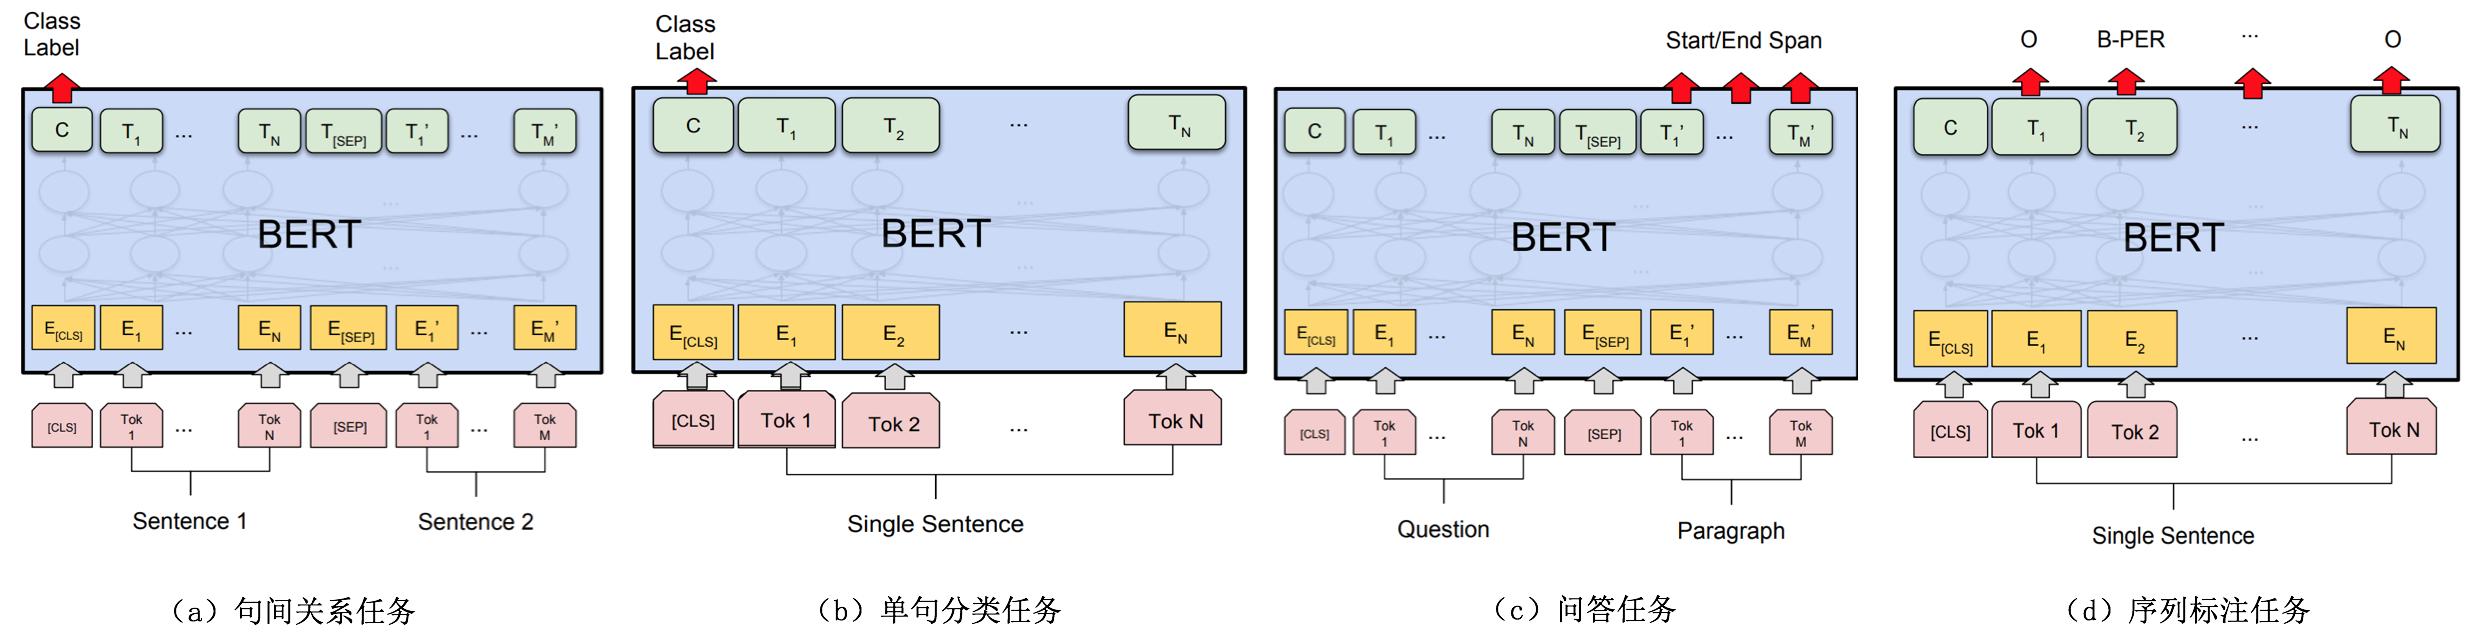 图8 BERT微调支持的任务类型